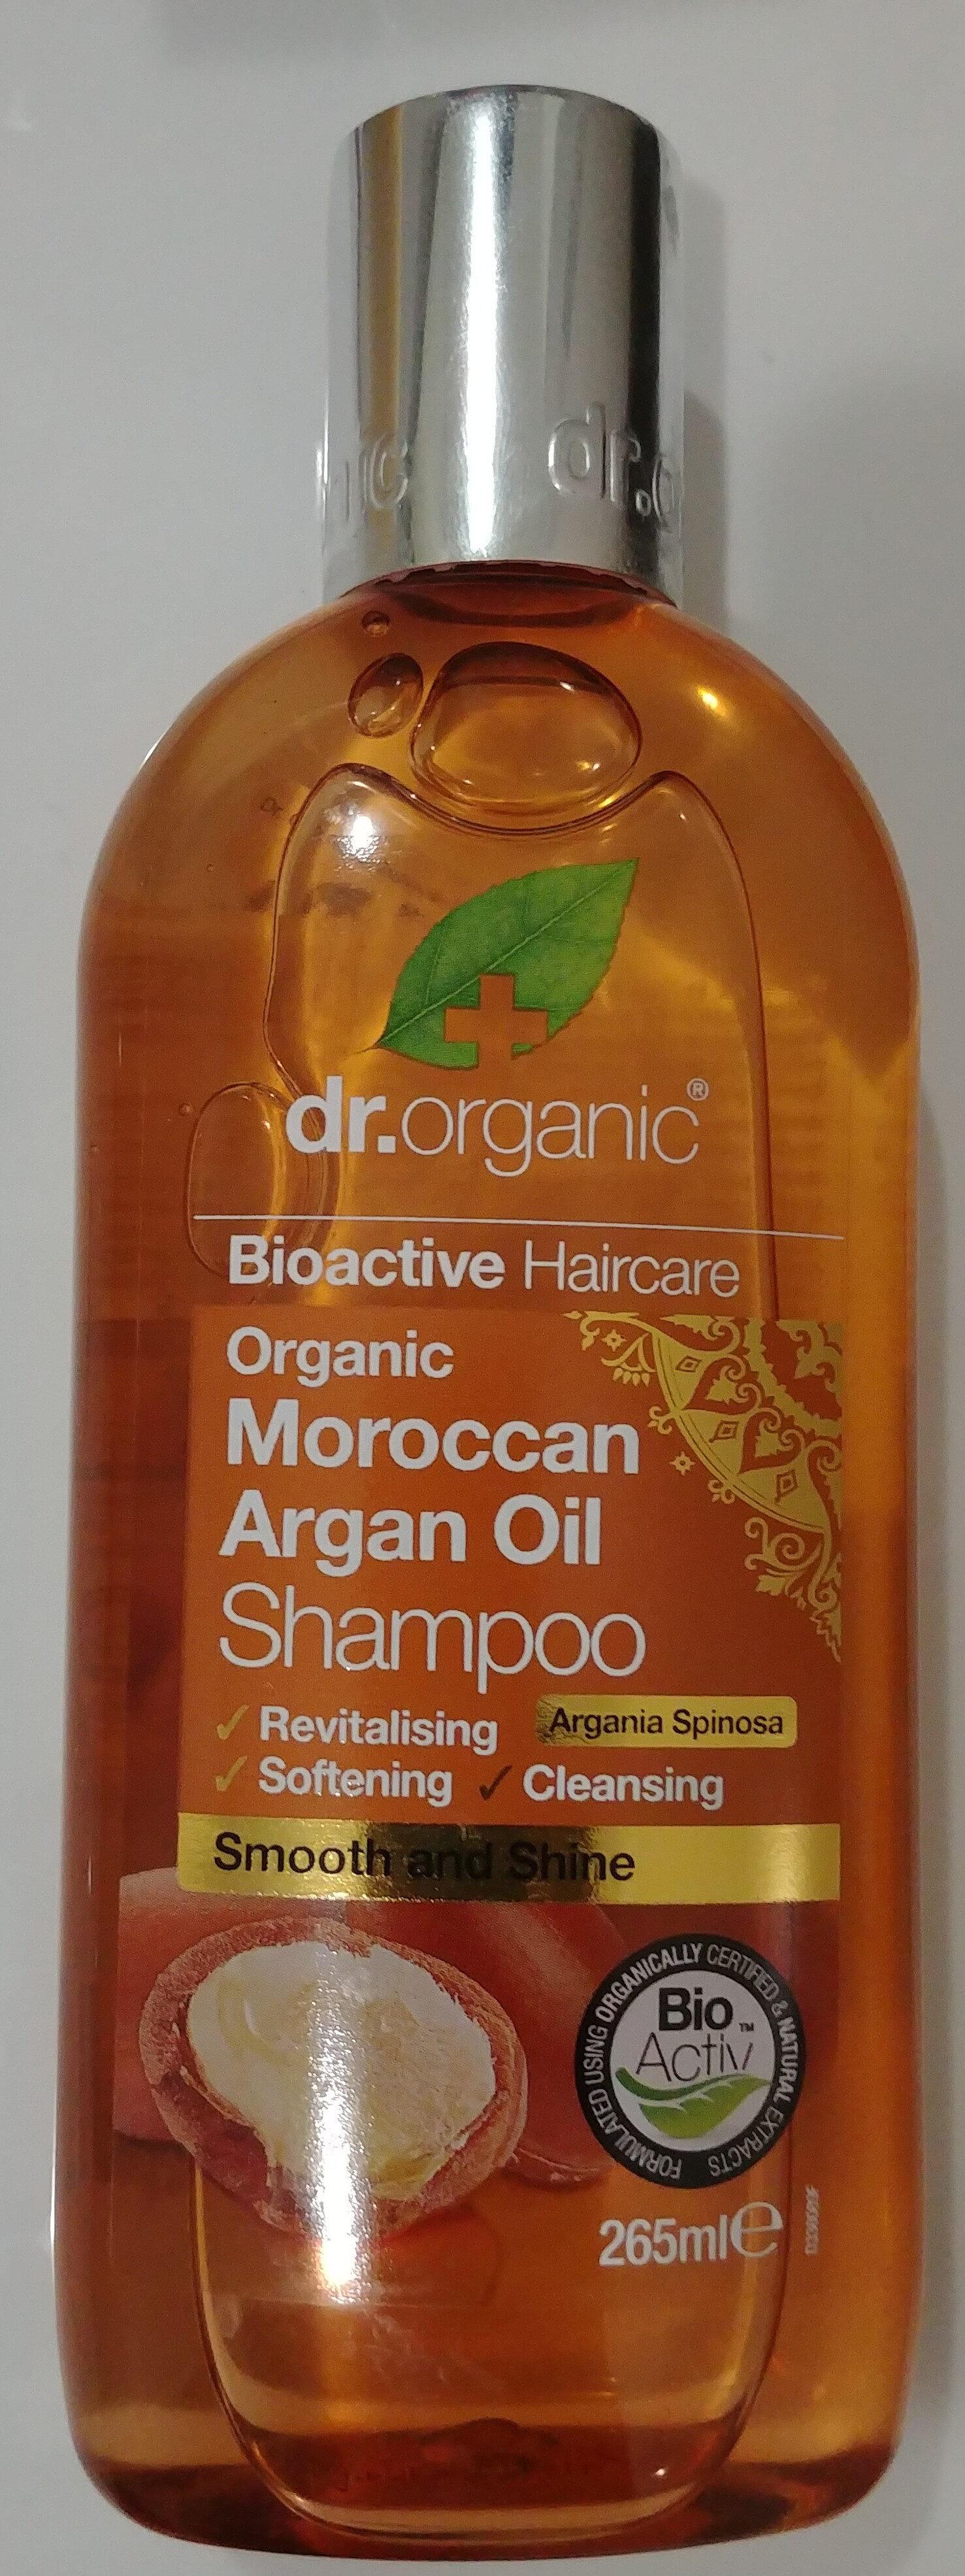 Organic Moroccan Argan Oil Shampoo - Produto - en